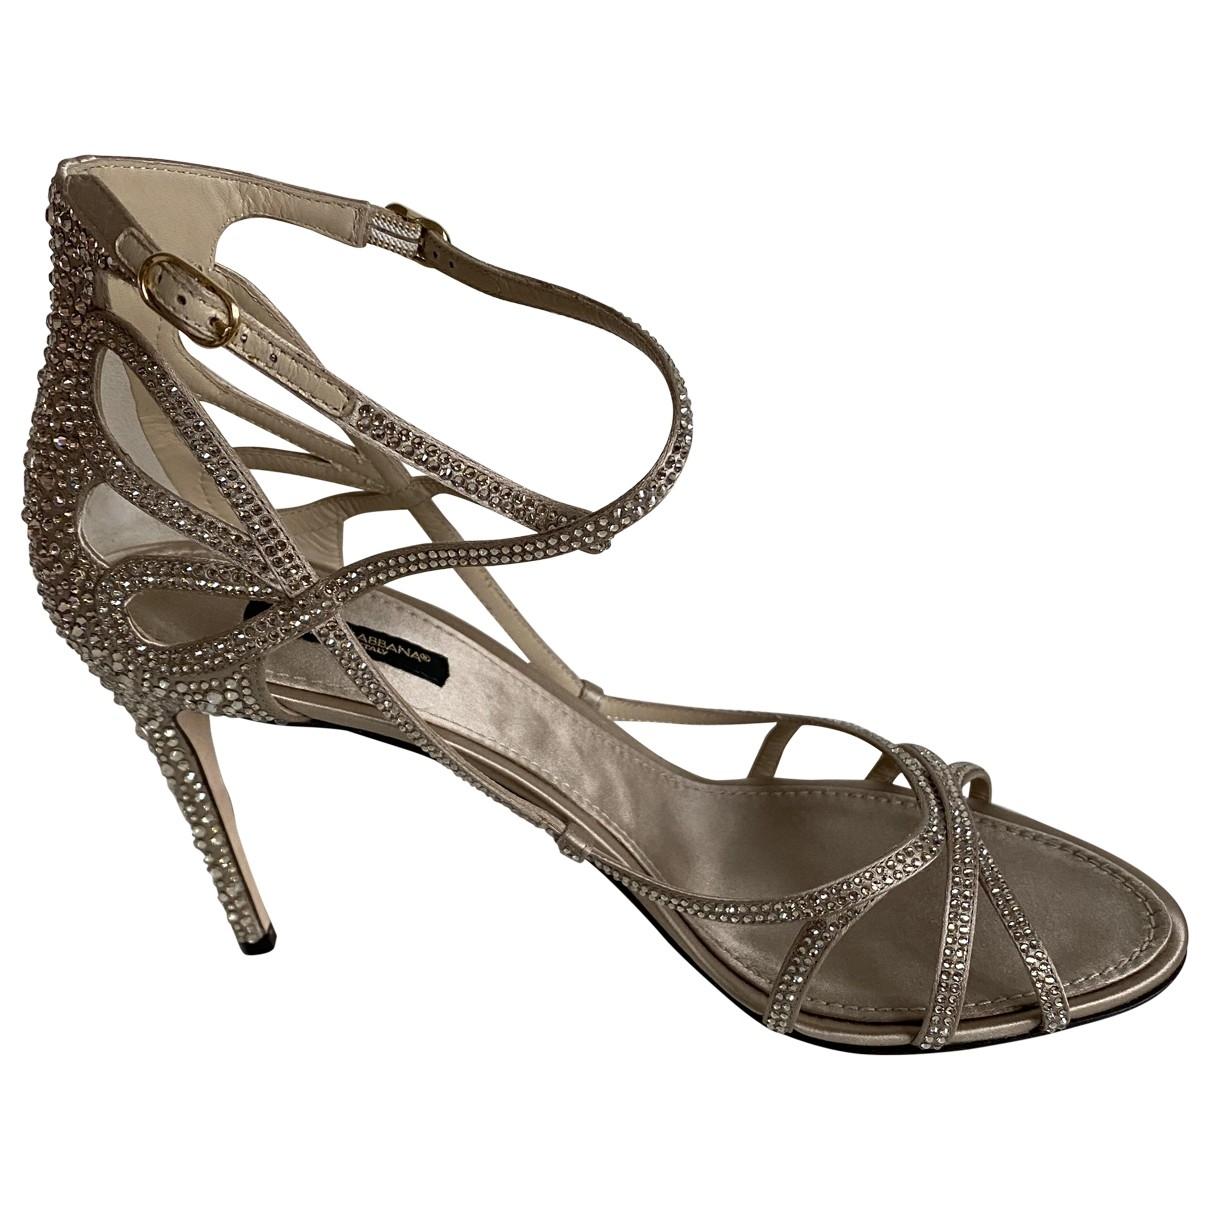 Dolce & Gabbana - Sandales   pour femme en a paillettes - dore